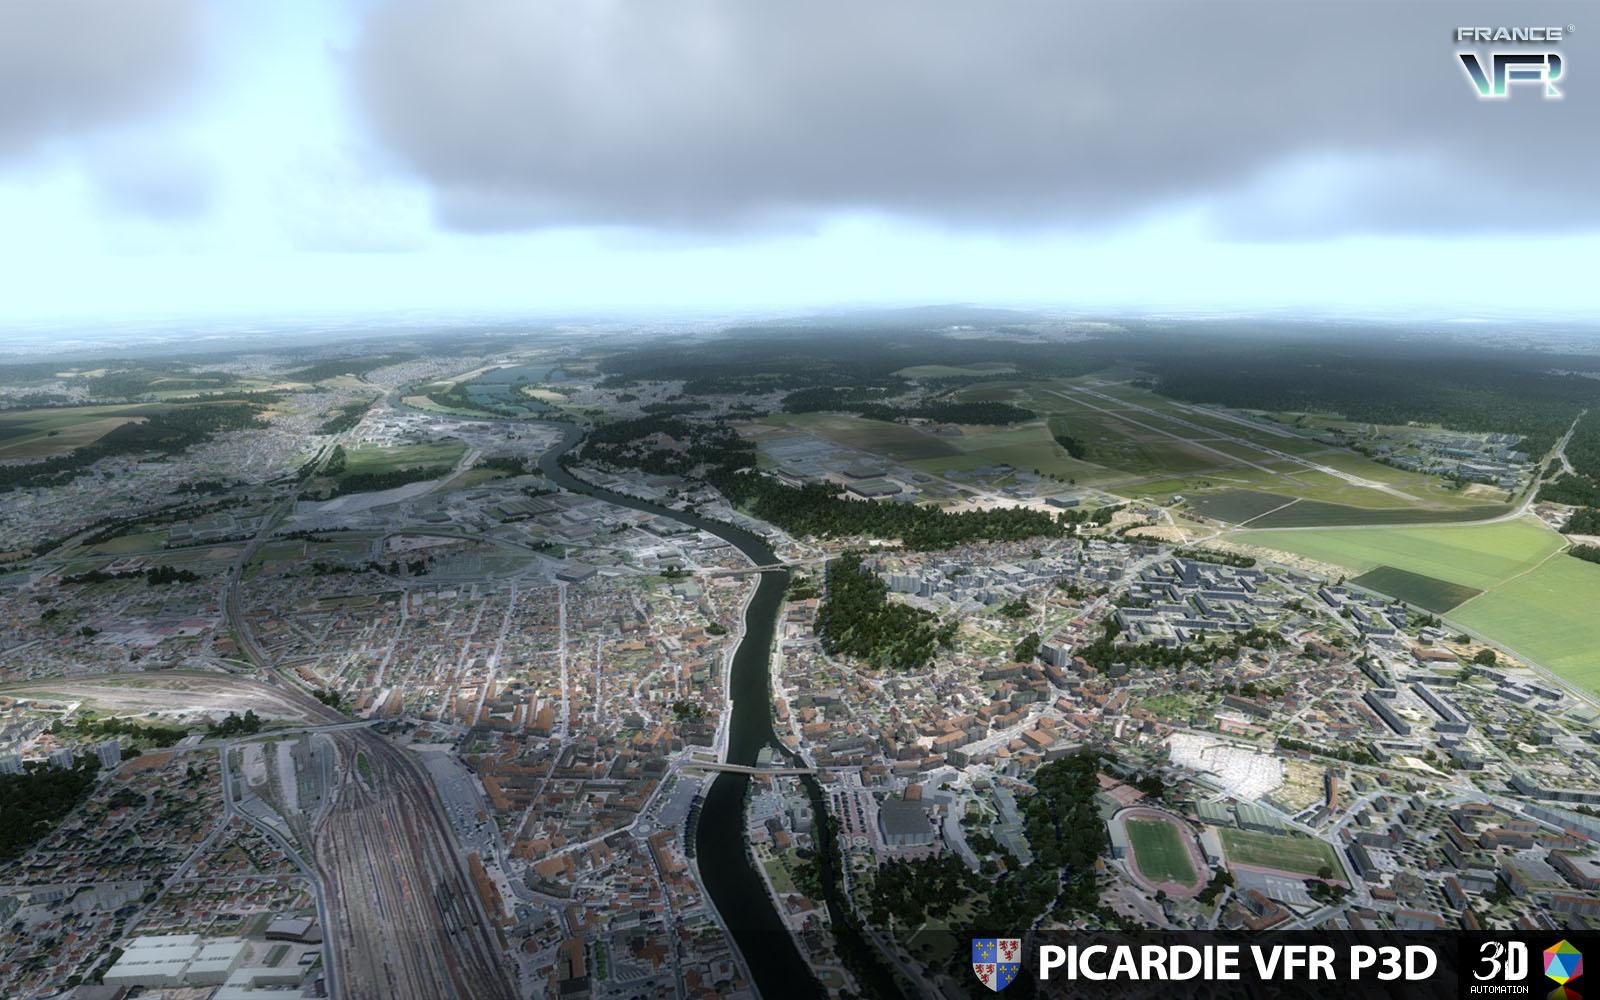 VFRPICP3D_13